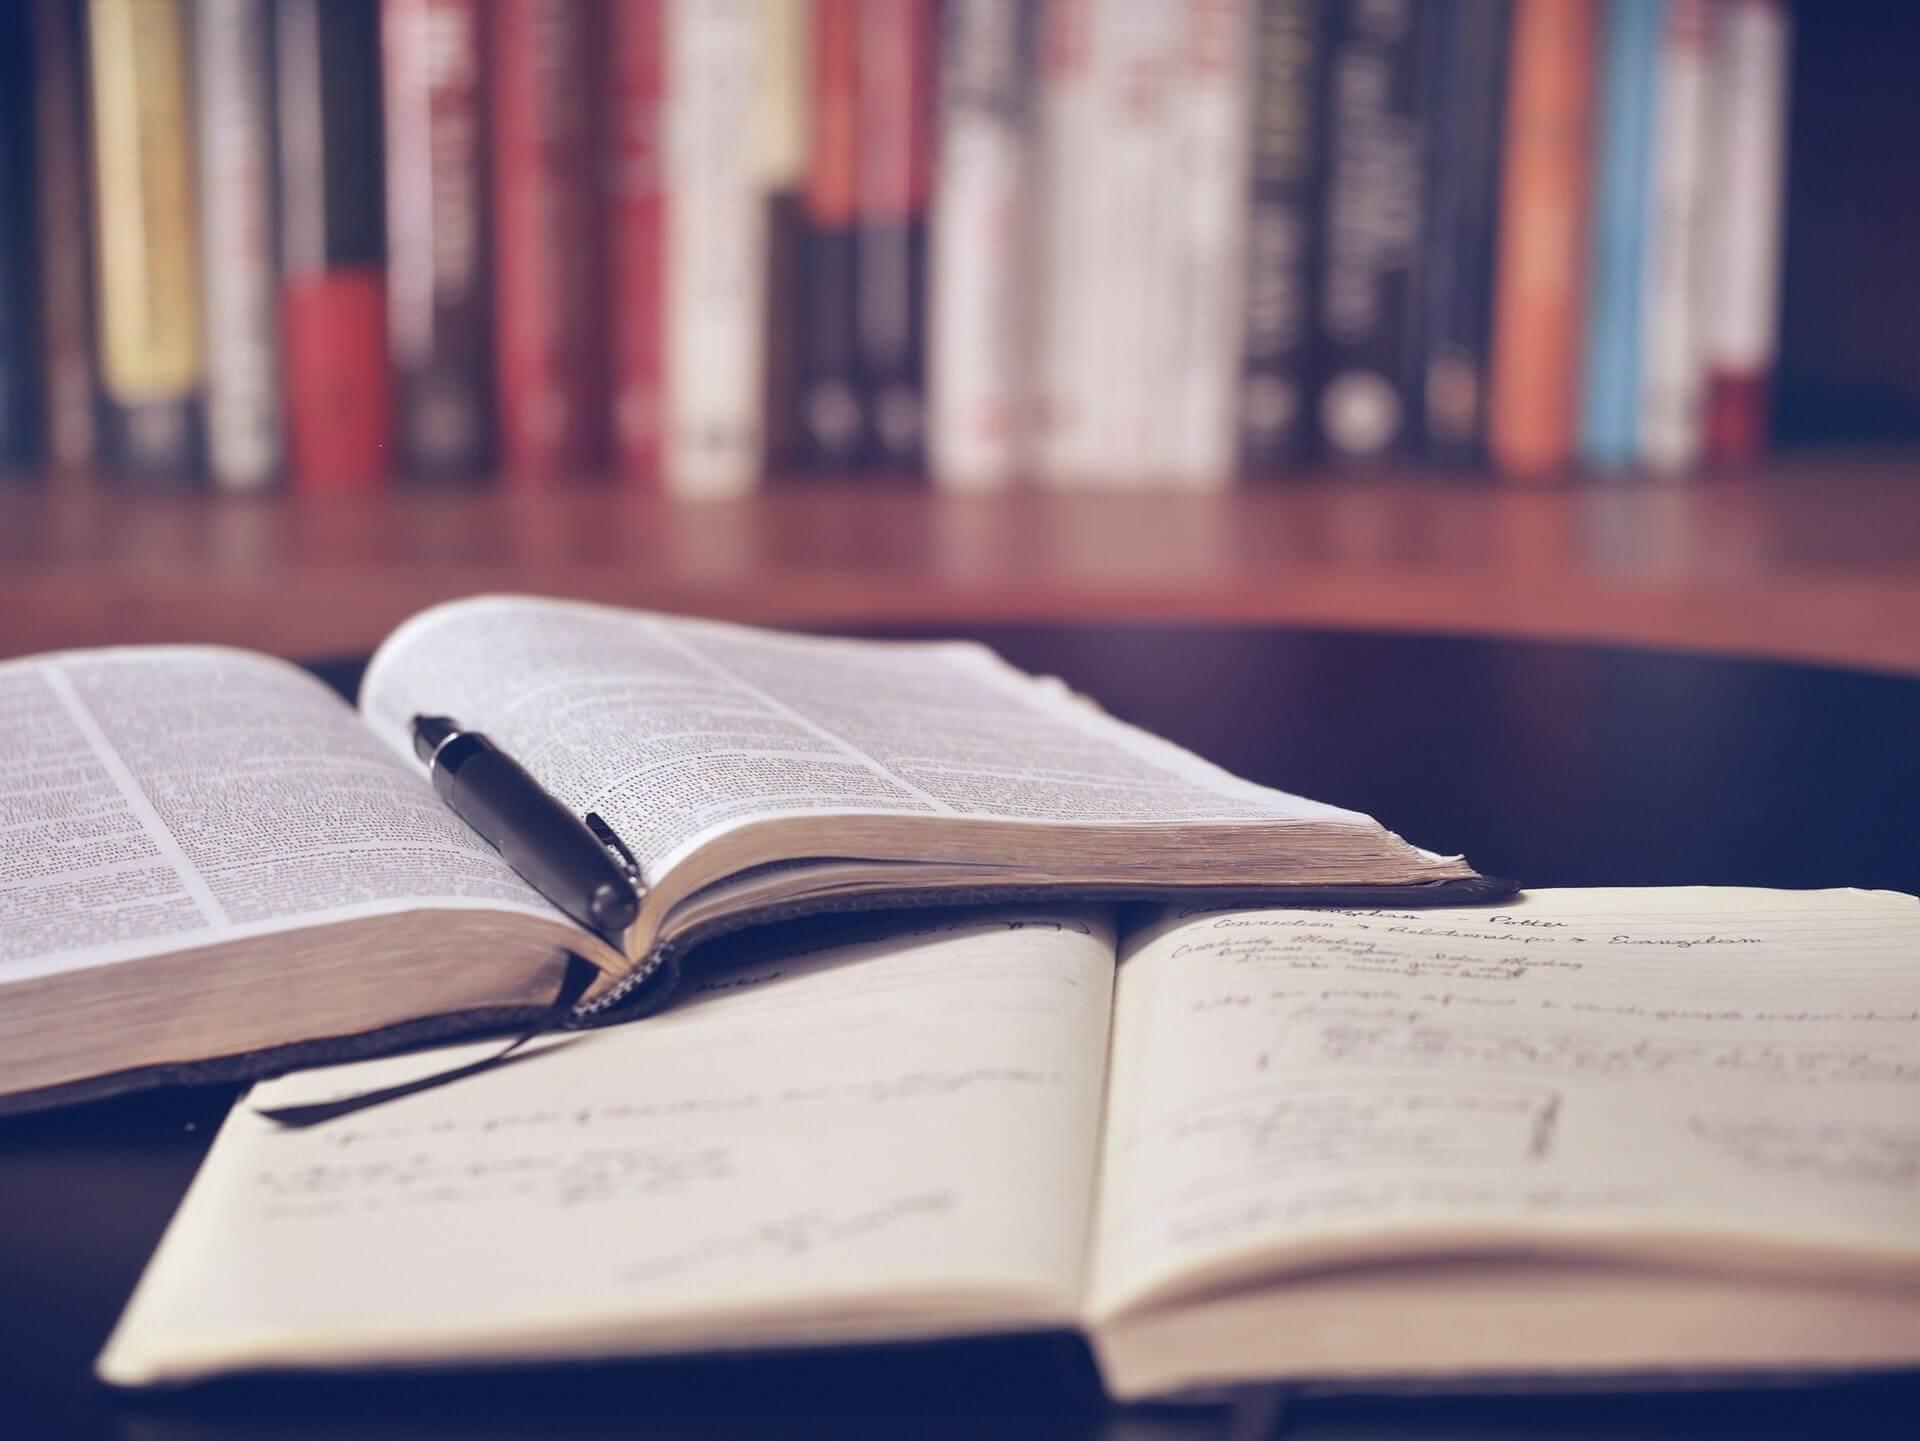 Studium im Lebenslauf angeben: Muster, Beispiele & Tipps